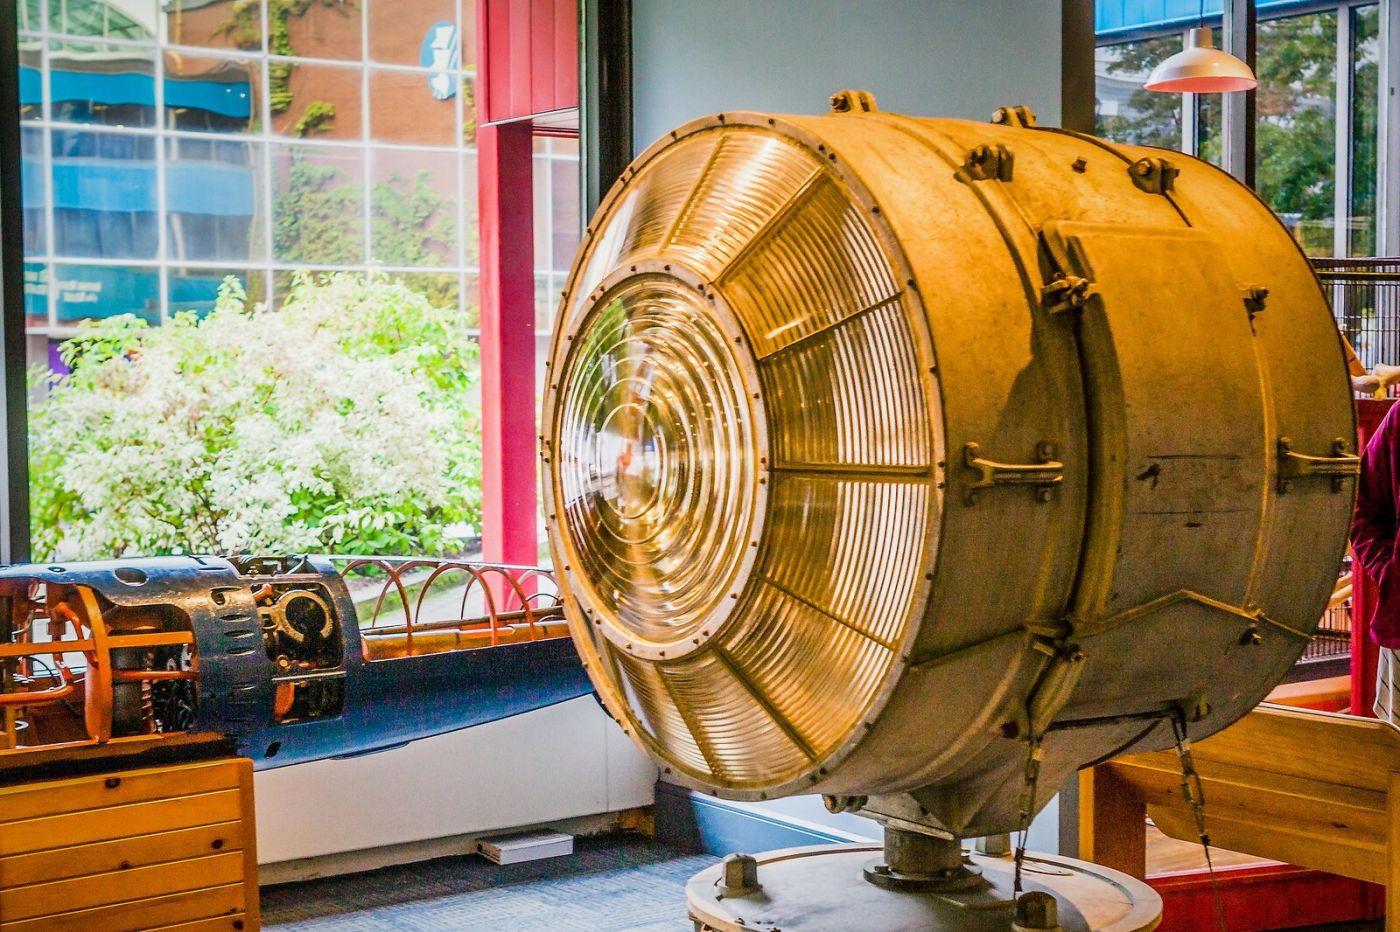 加拿大哈利法克斯(Halifax)大西洋海事博物馆_图1-10